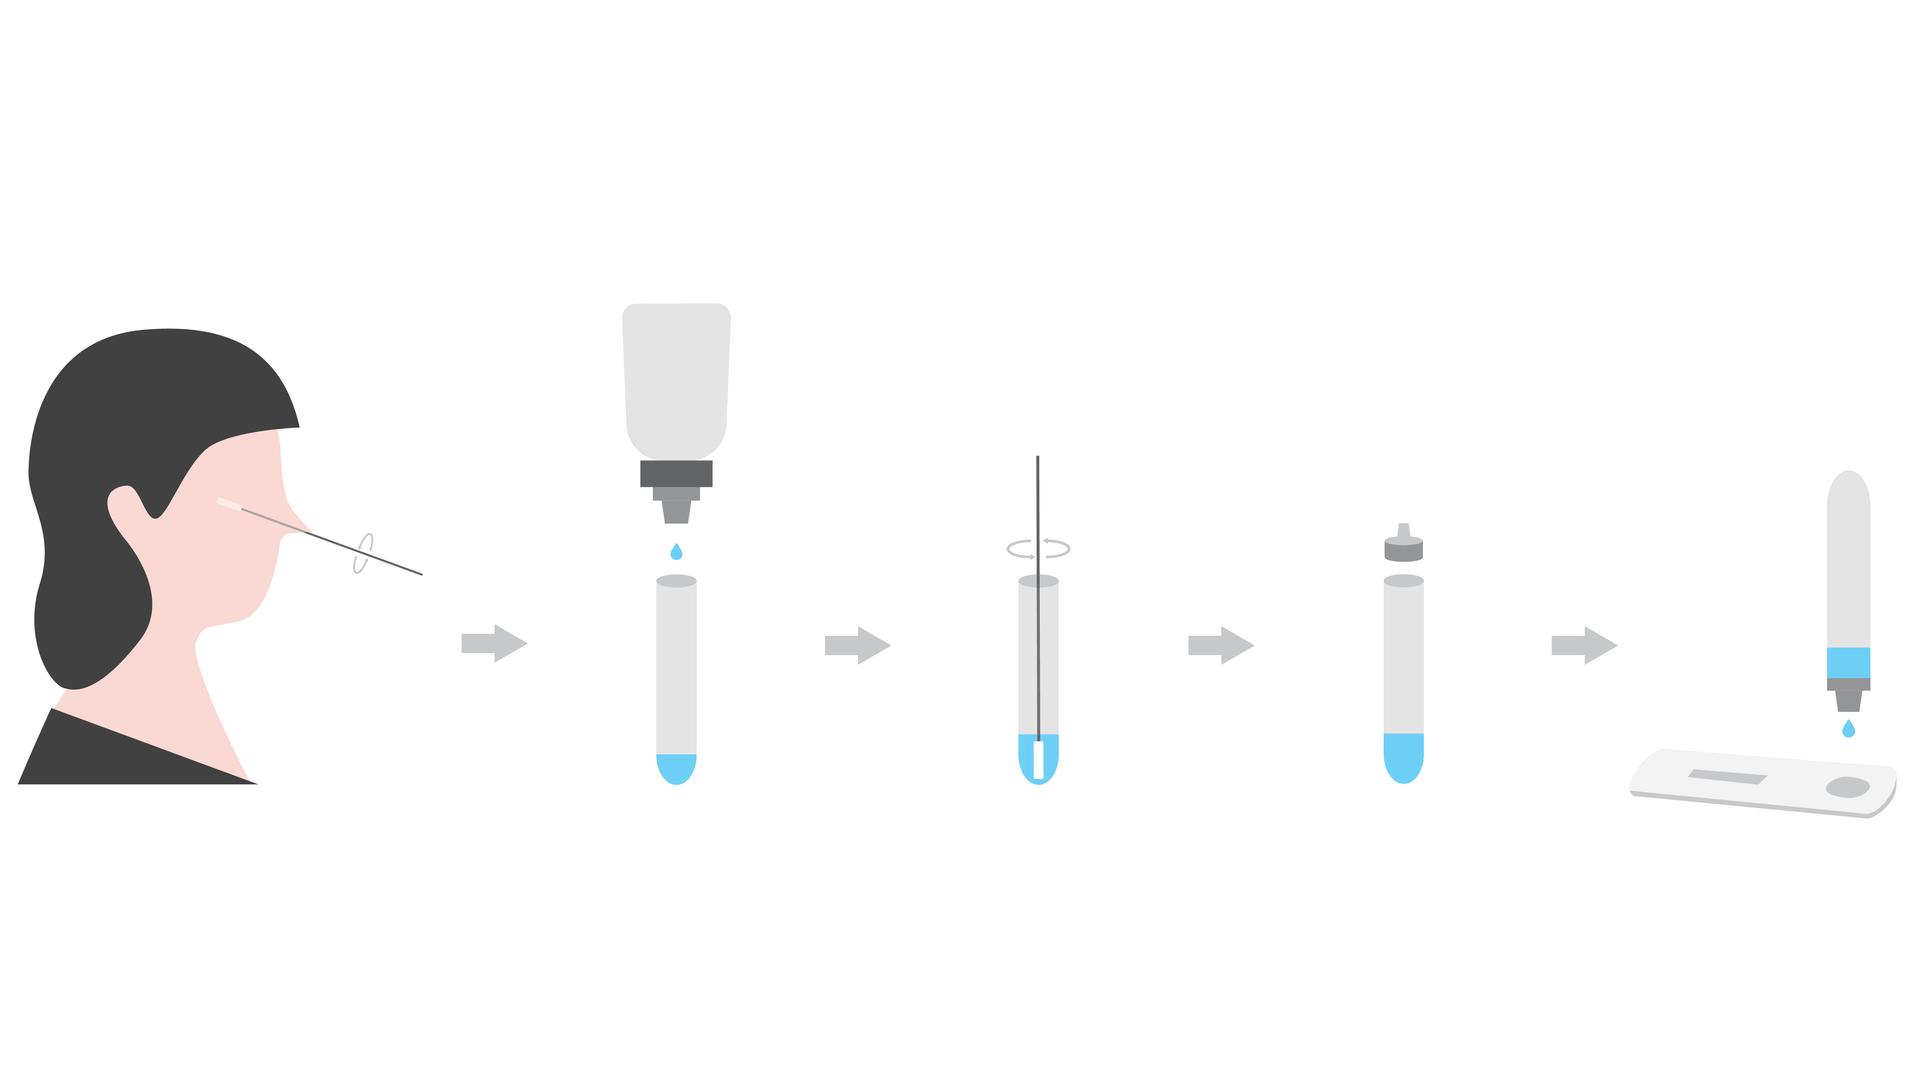 Brzi antigenski testovi - Ilustracija